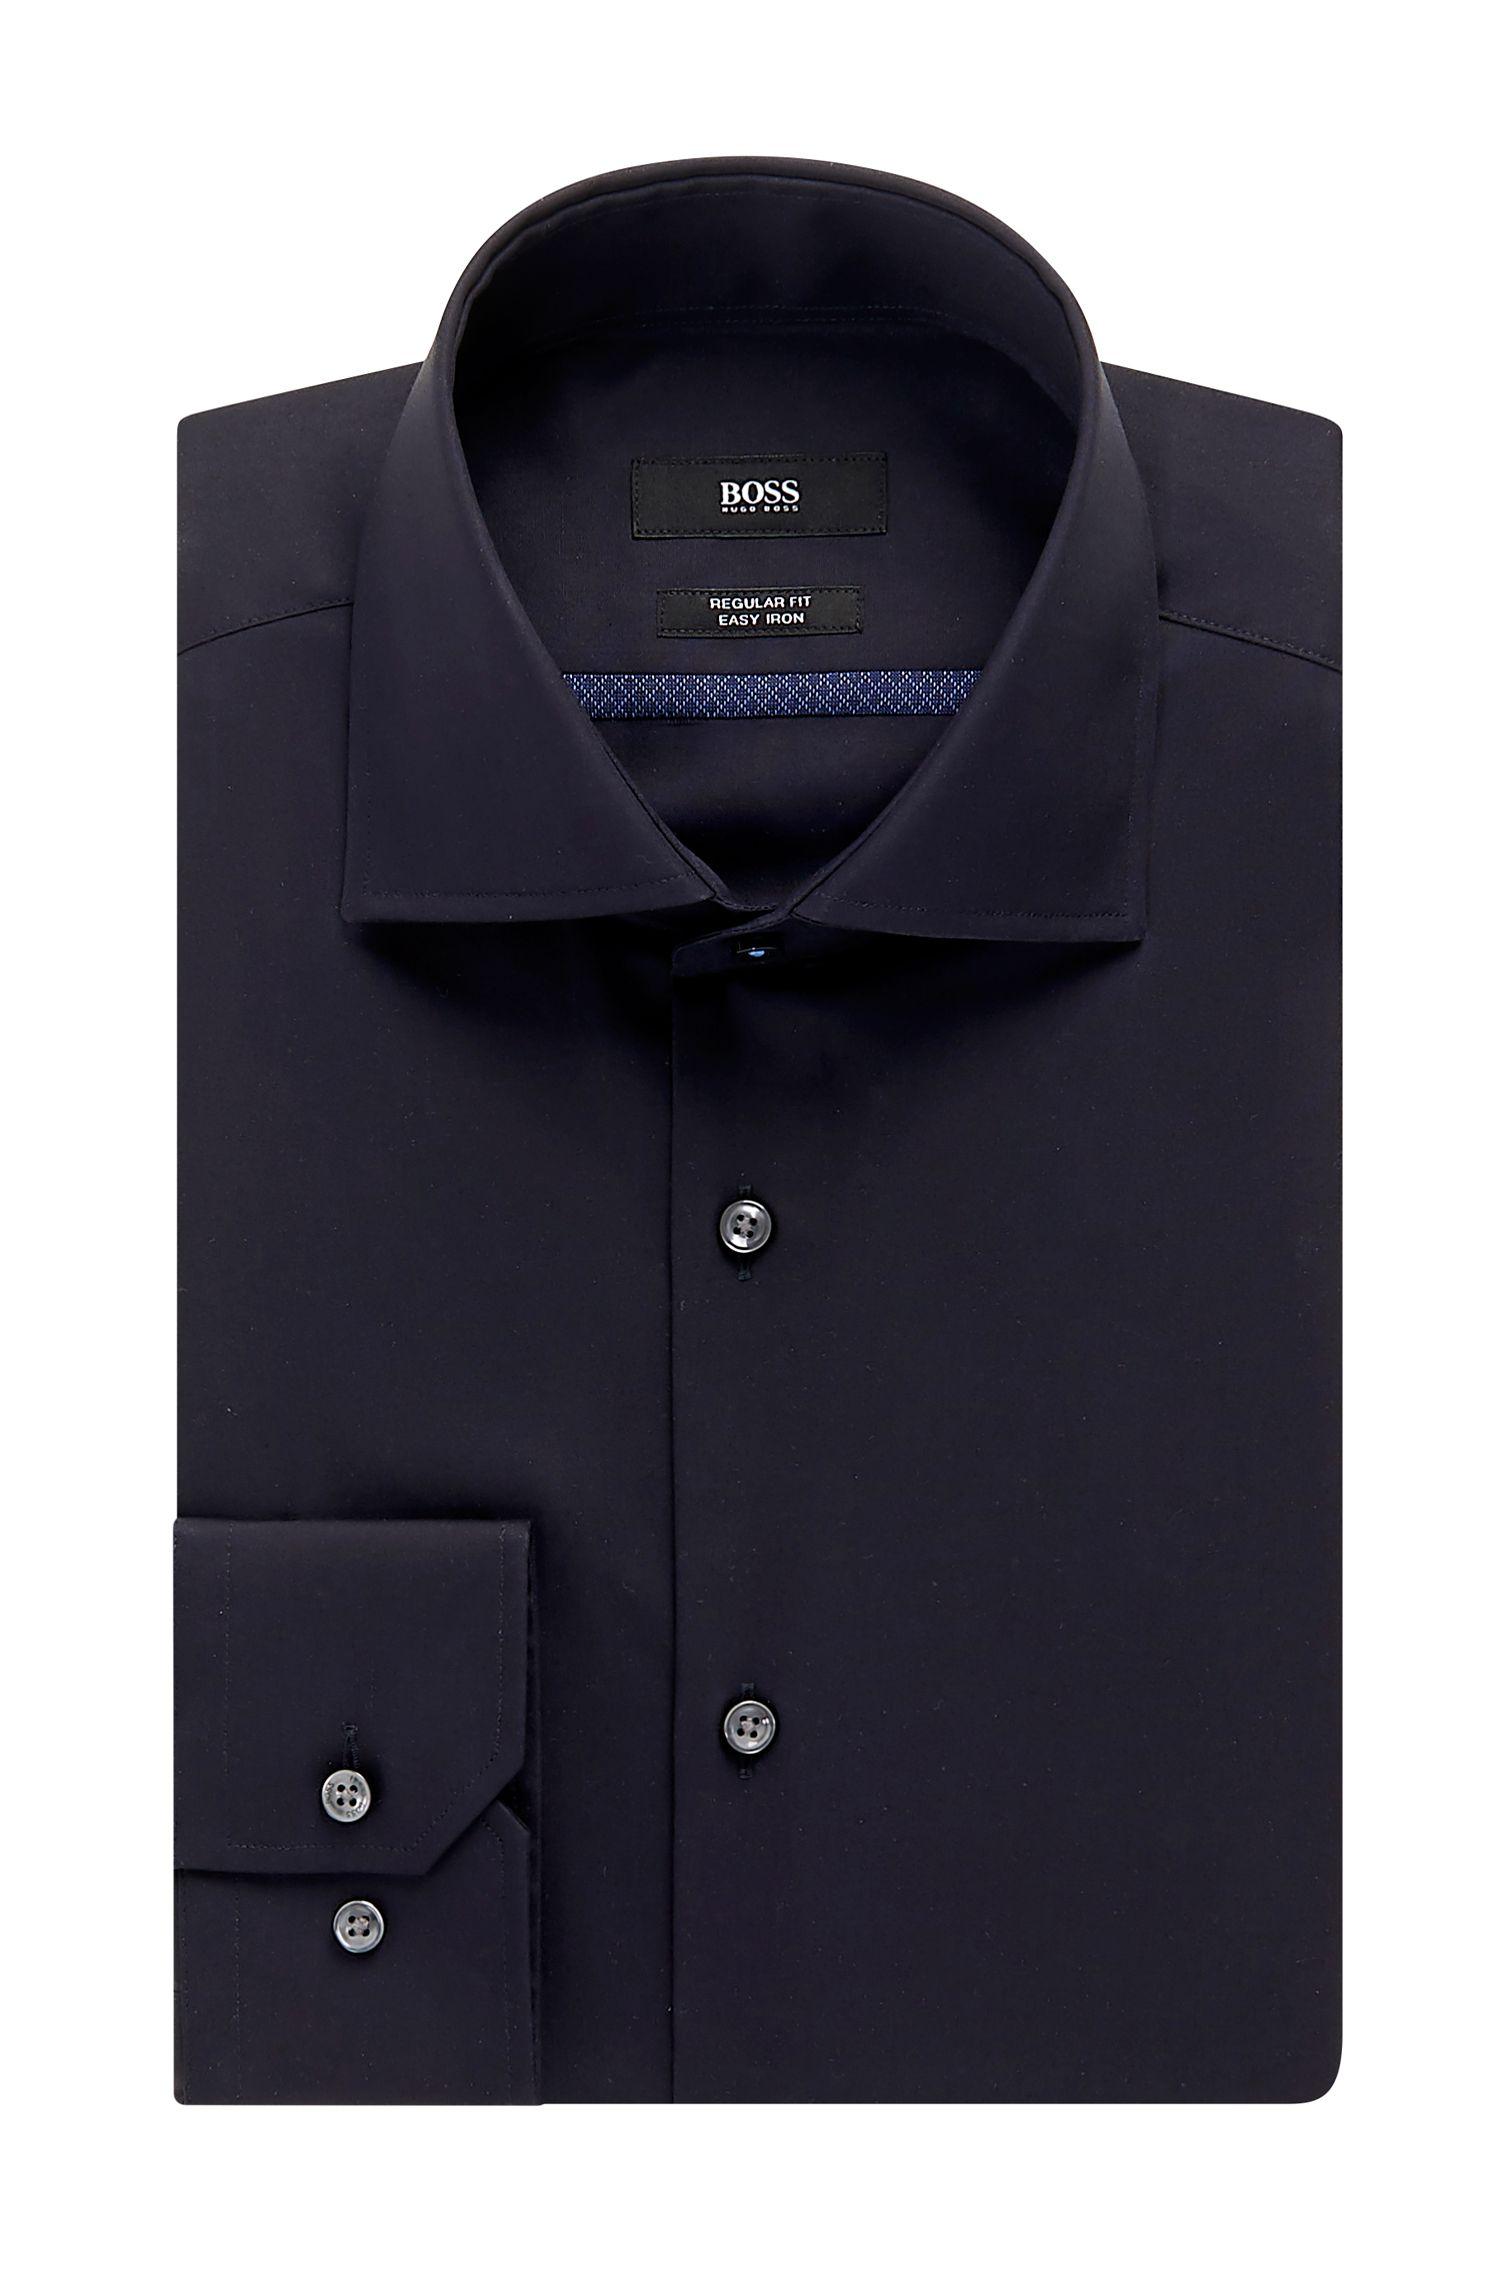 Easy-Iron Cotton Dress Shirt, Regular Fit | Gert